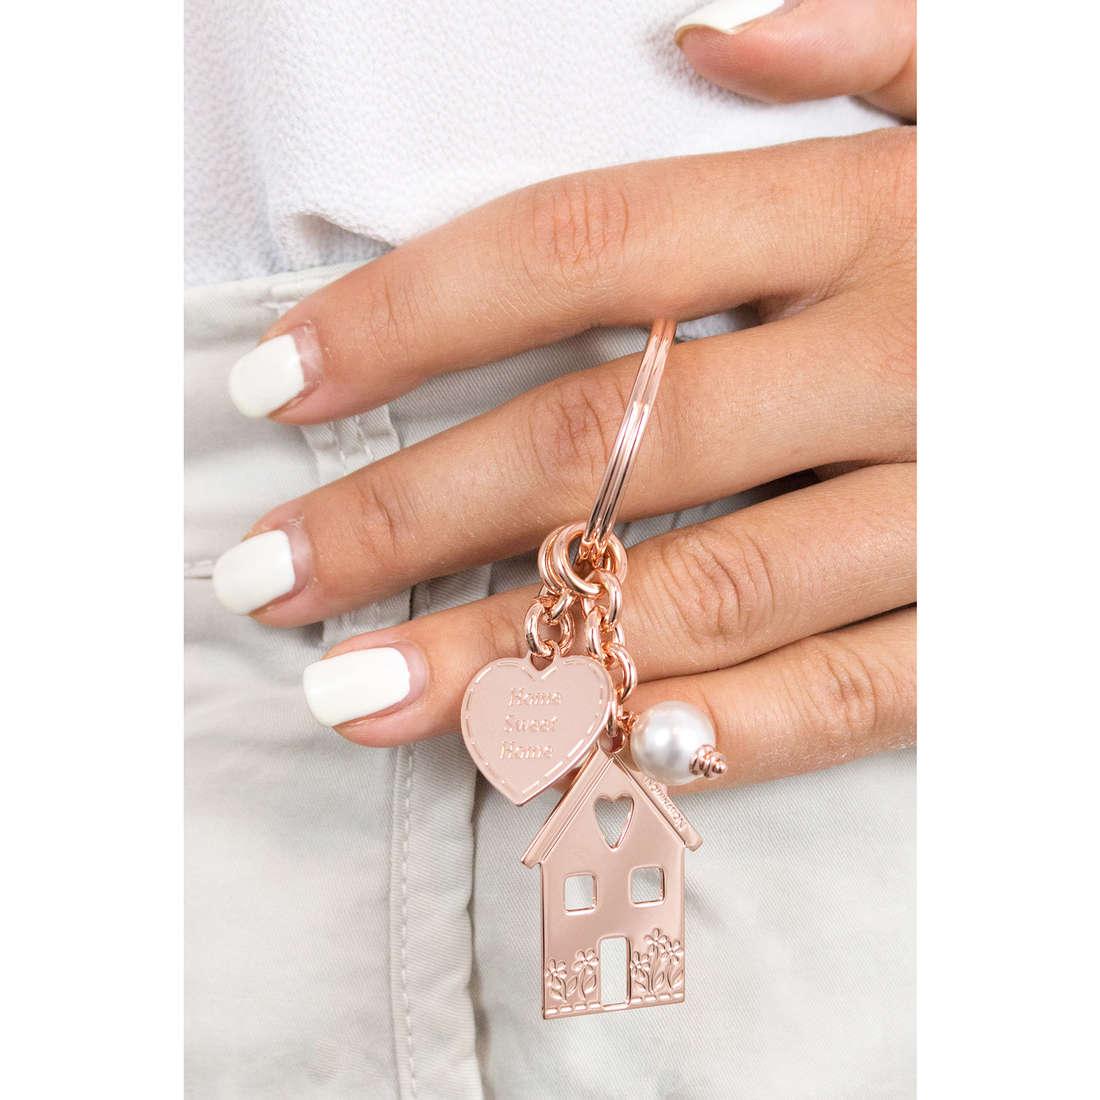 Nomination key-rings Swarovski woman 131700/018 photo wearing